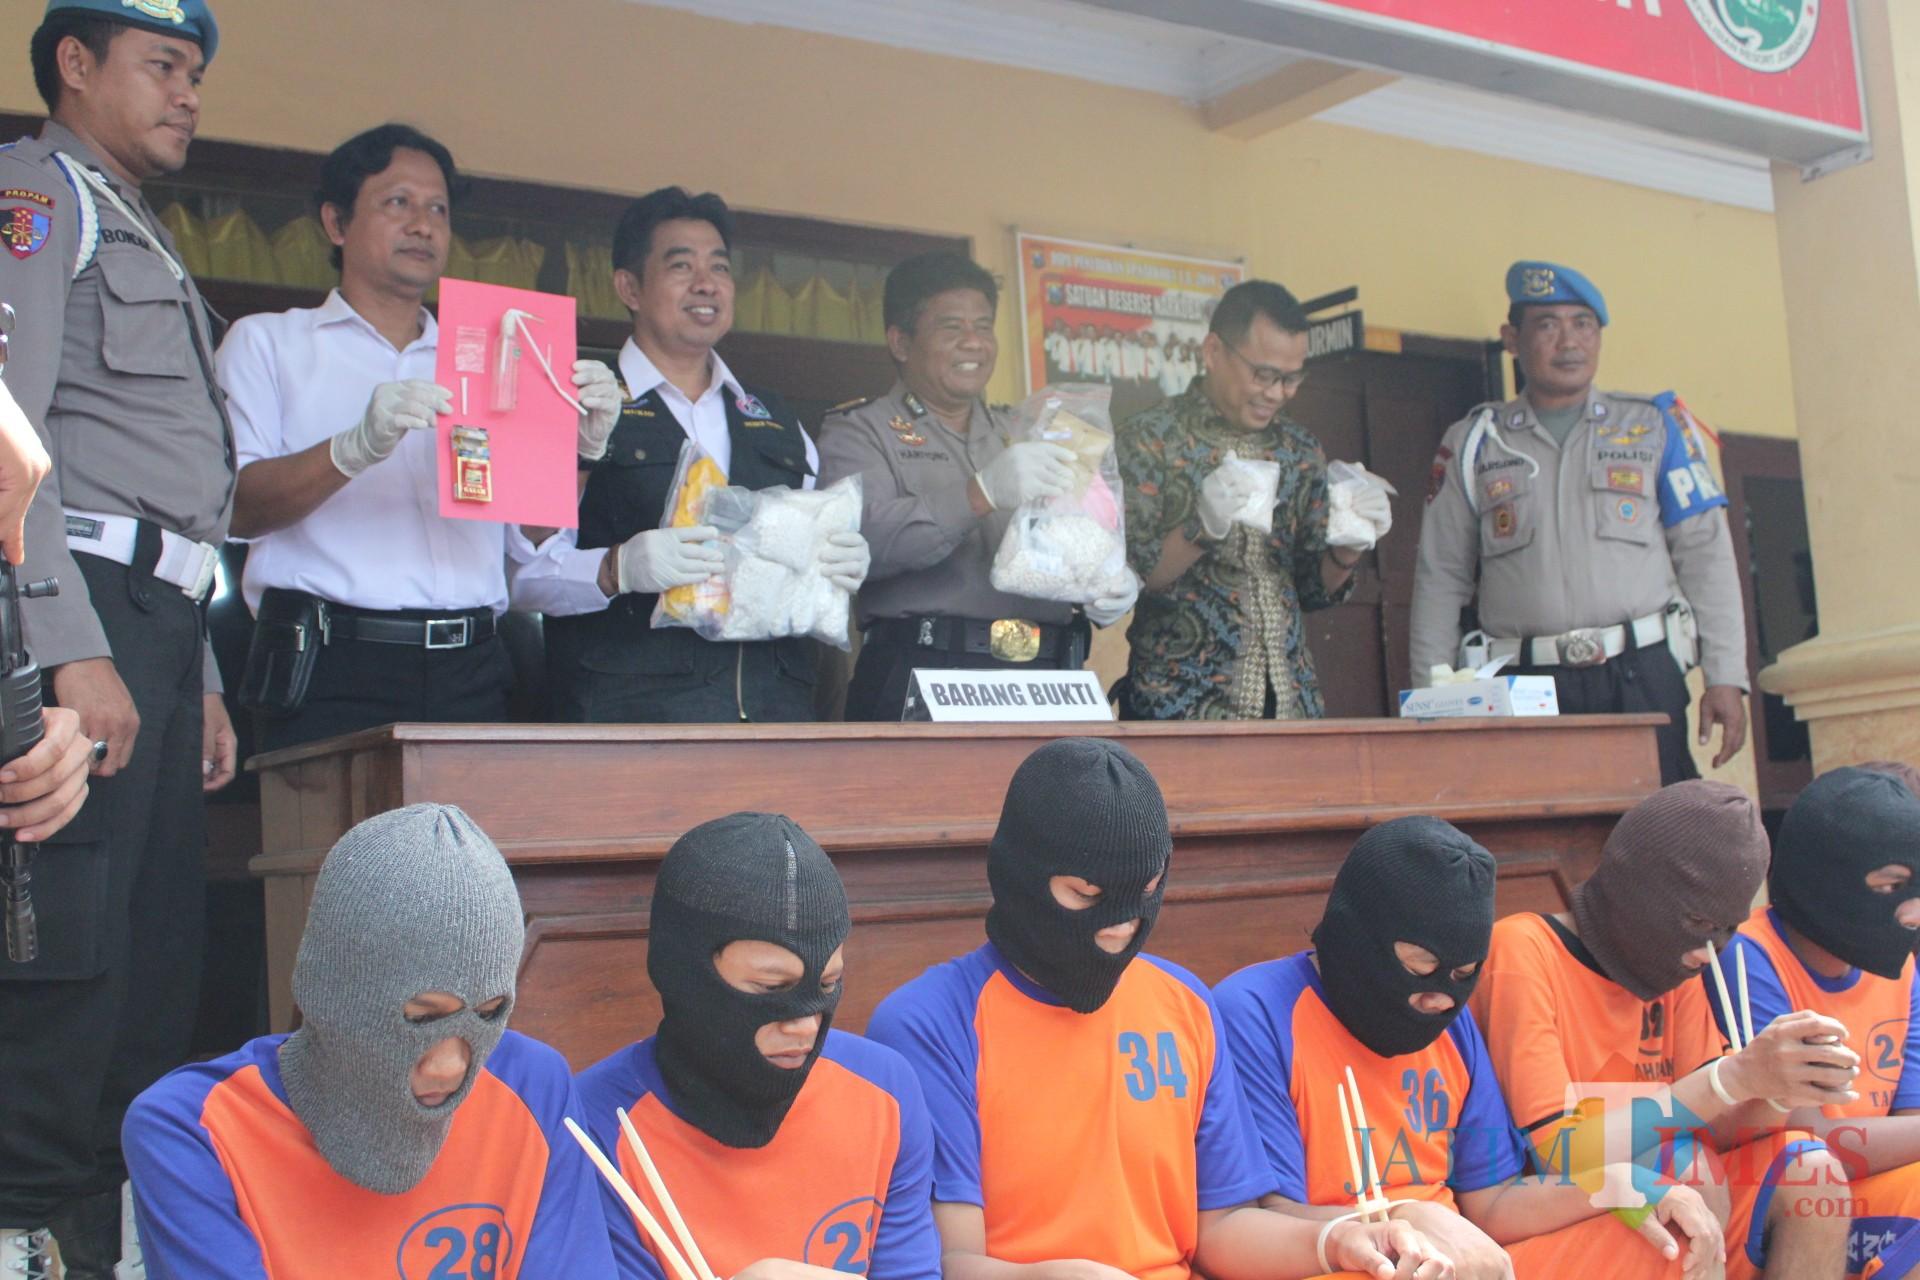 Kasat reskoba Polres Jombang AKP Moch. Mukid (tiga dari kiri) saat menunjukkan barang bukti pelaku penyalahgunaan narkotika dan obat-obatan terlarang. (Foto : Adi Rosul / JombangTIMES)